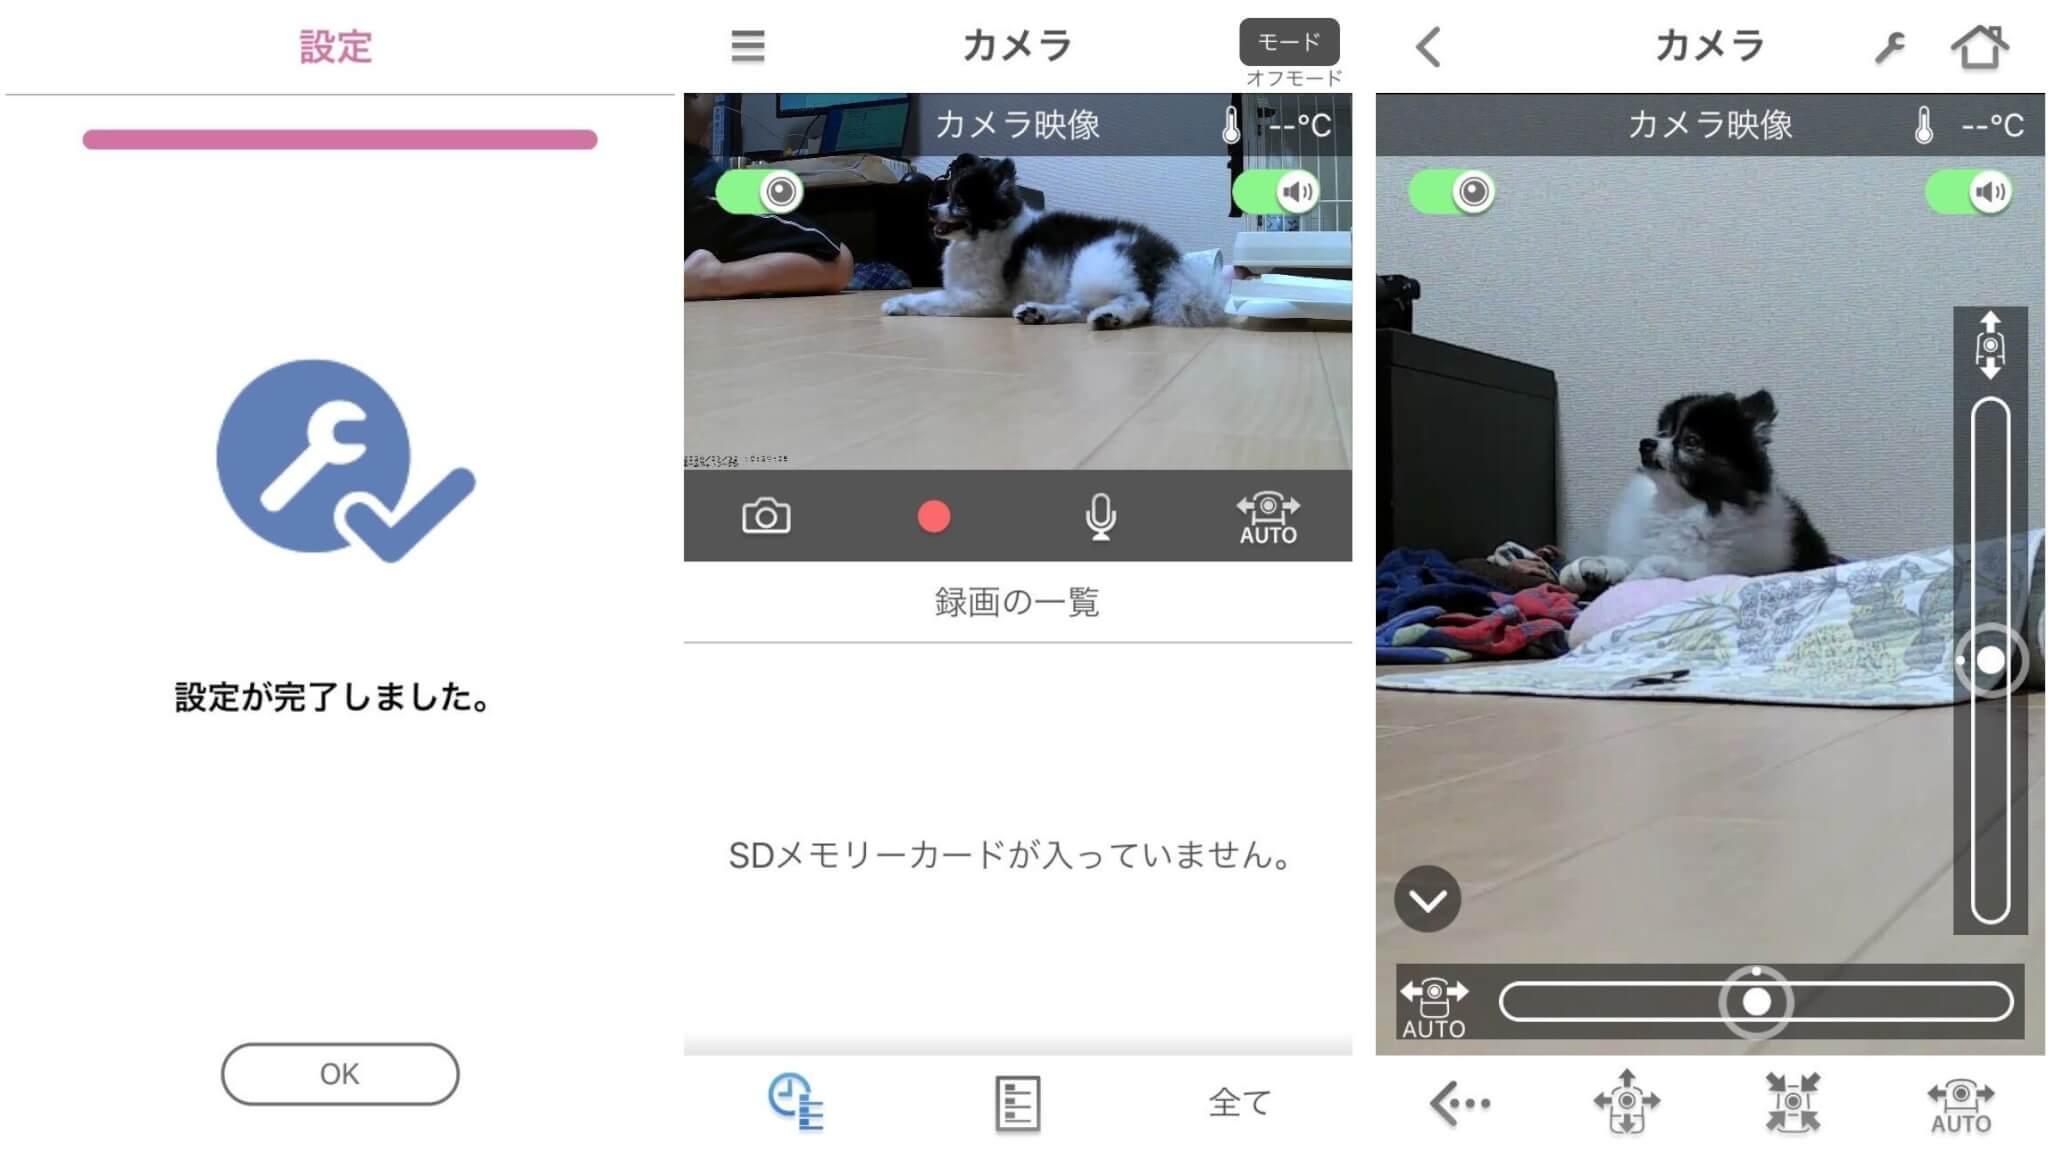 Panasonic HDペットカメラの設定と使い方 2.家の無線LANに接続